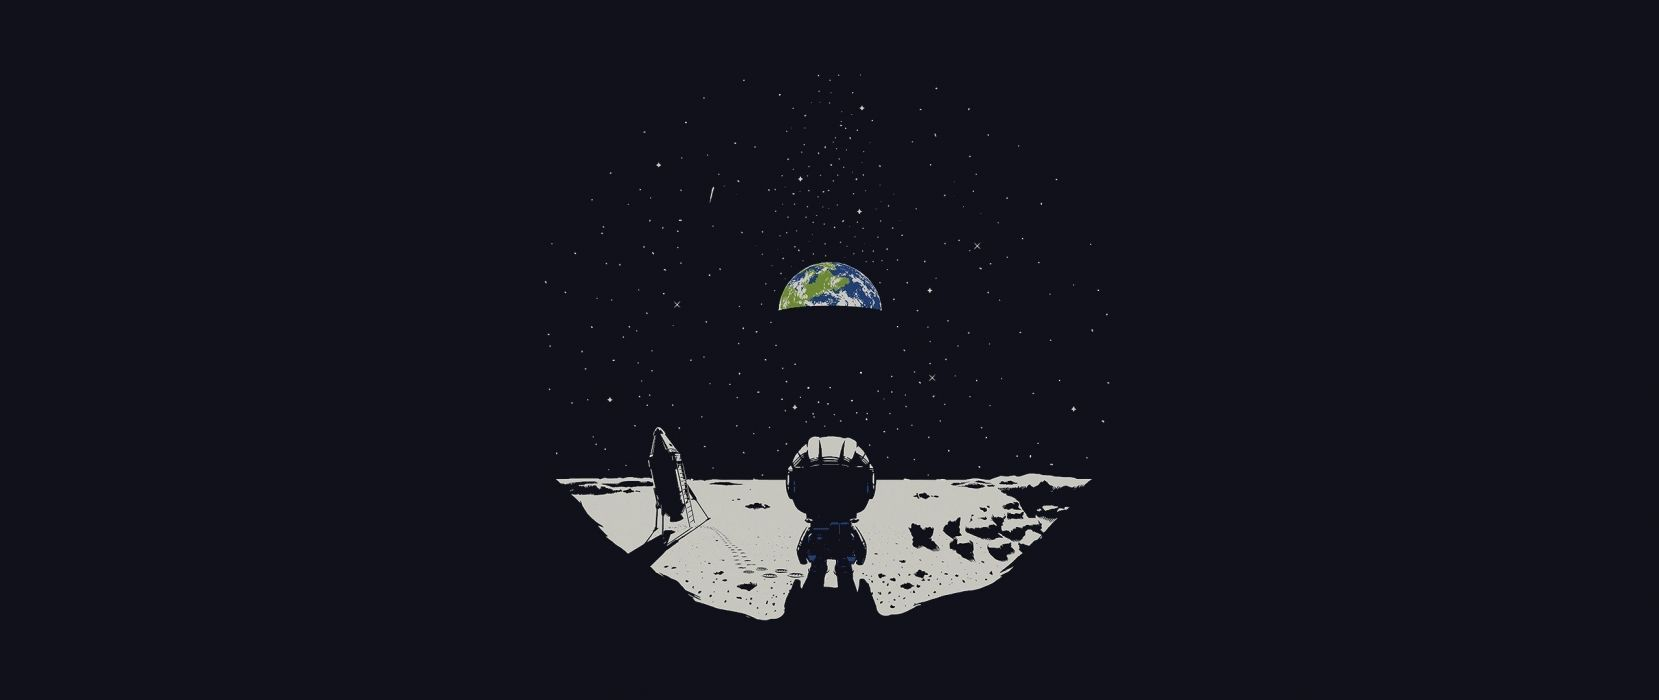 Earth Ultra Wide Moon Kerbal Space Program Wallpaper